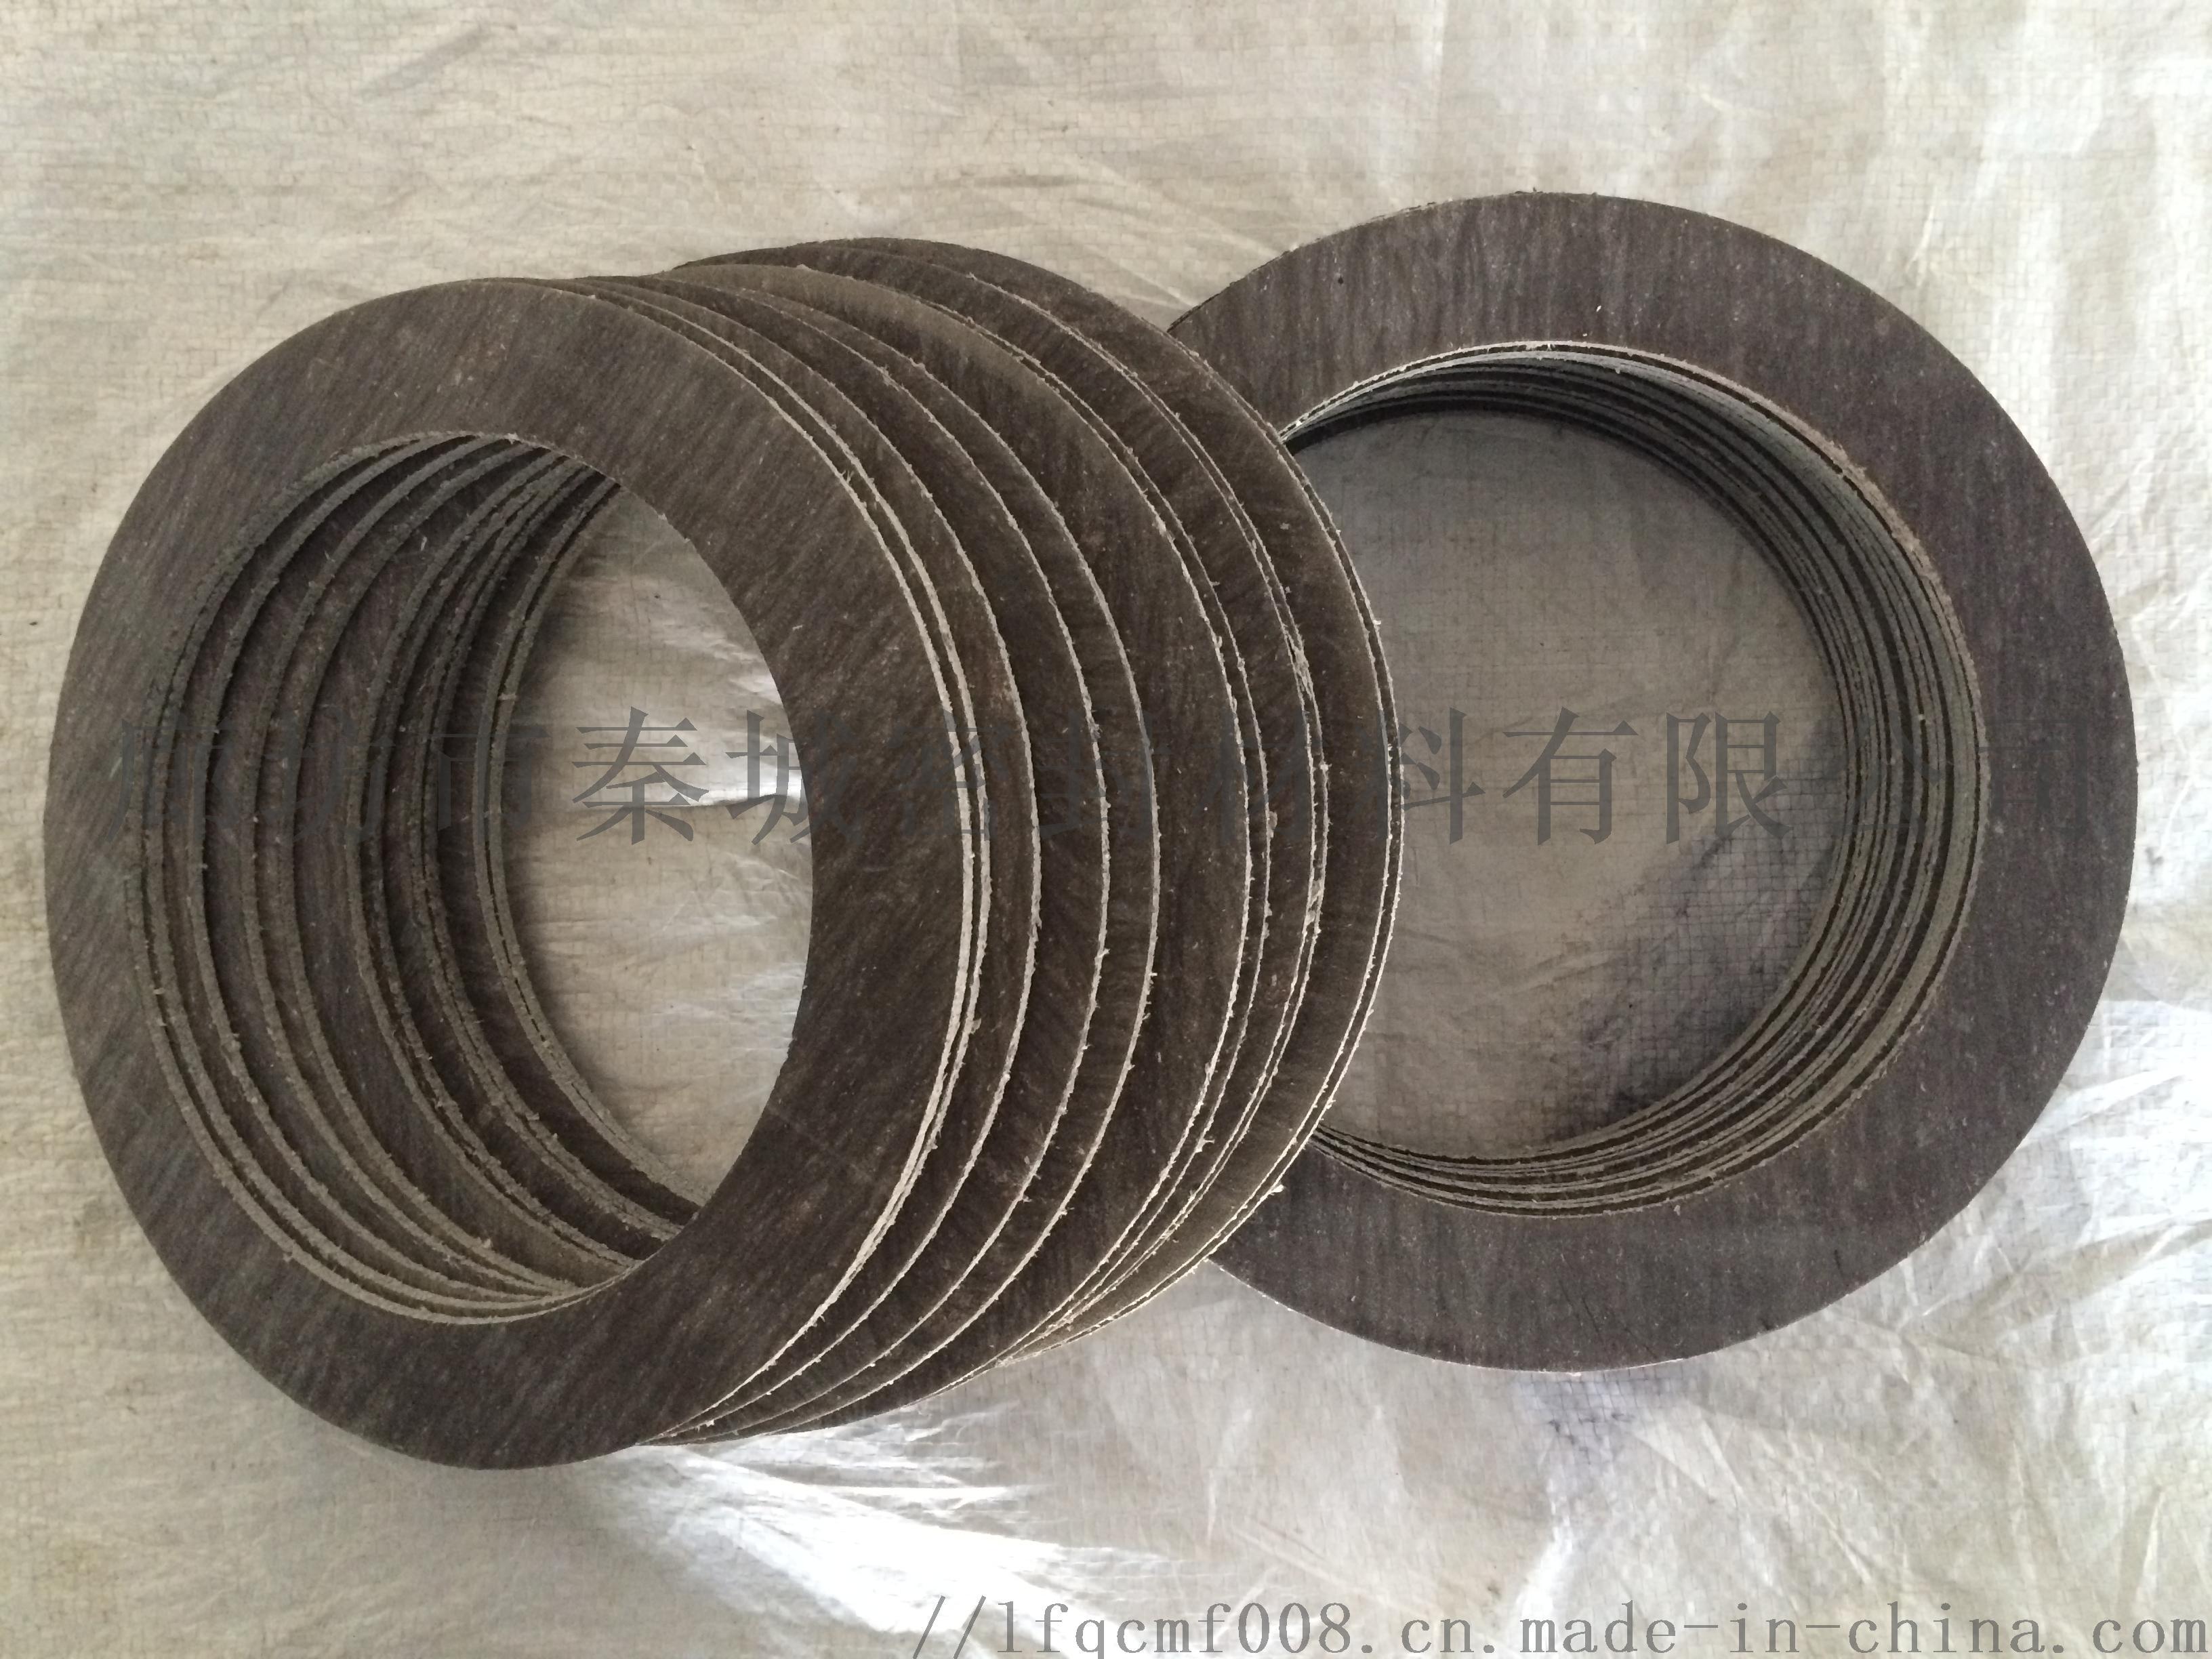 高压石棉垫 5mm高压橡胶石棉垫807197882